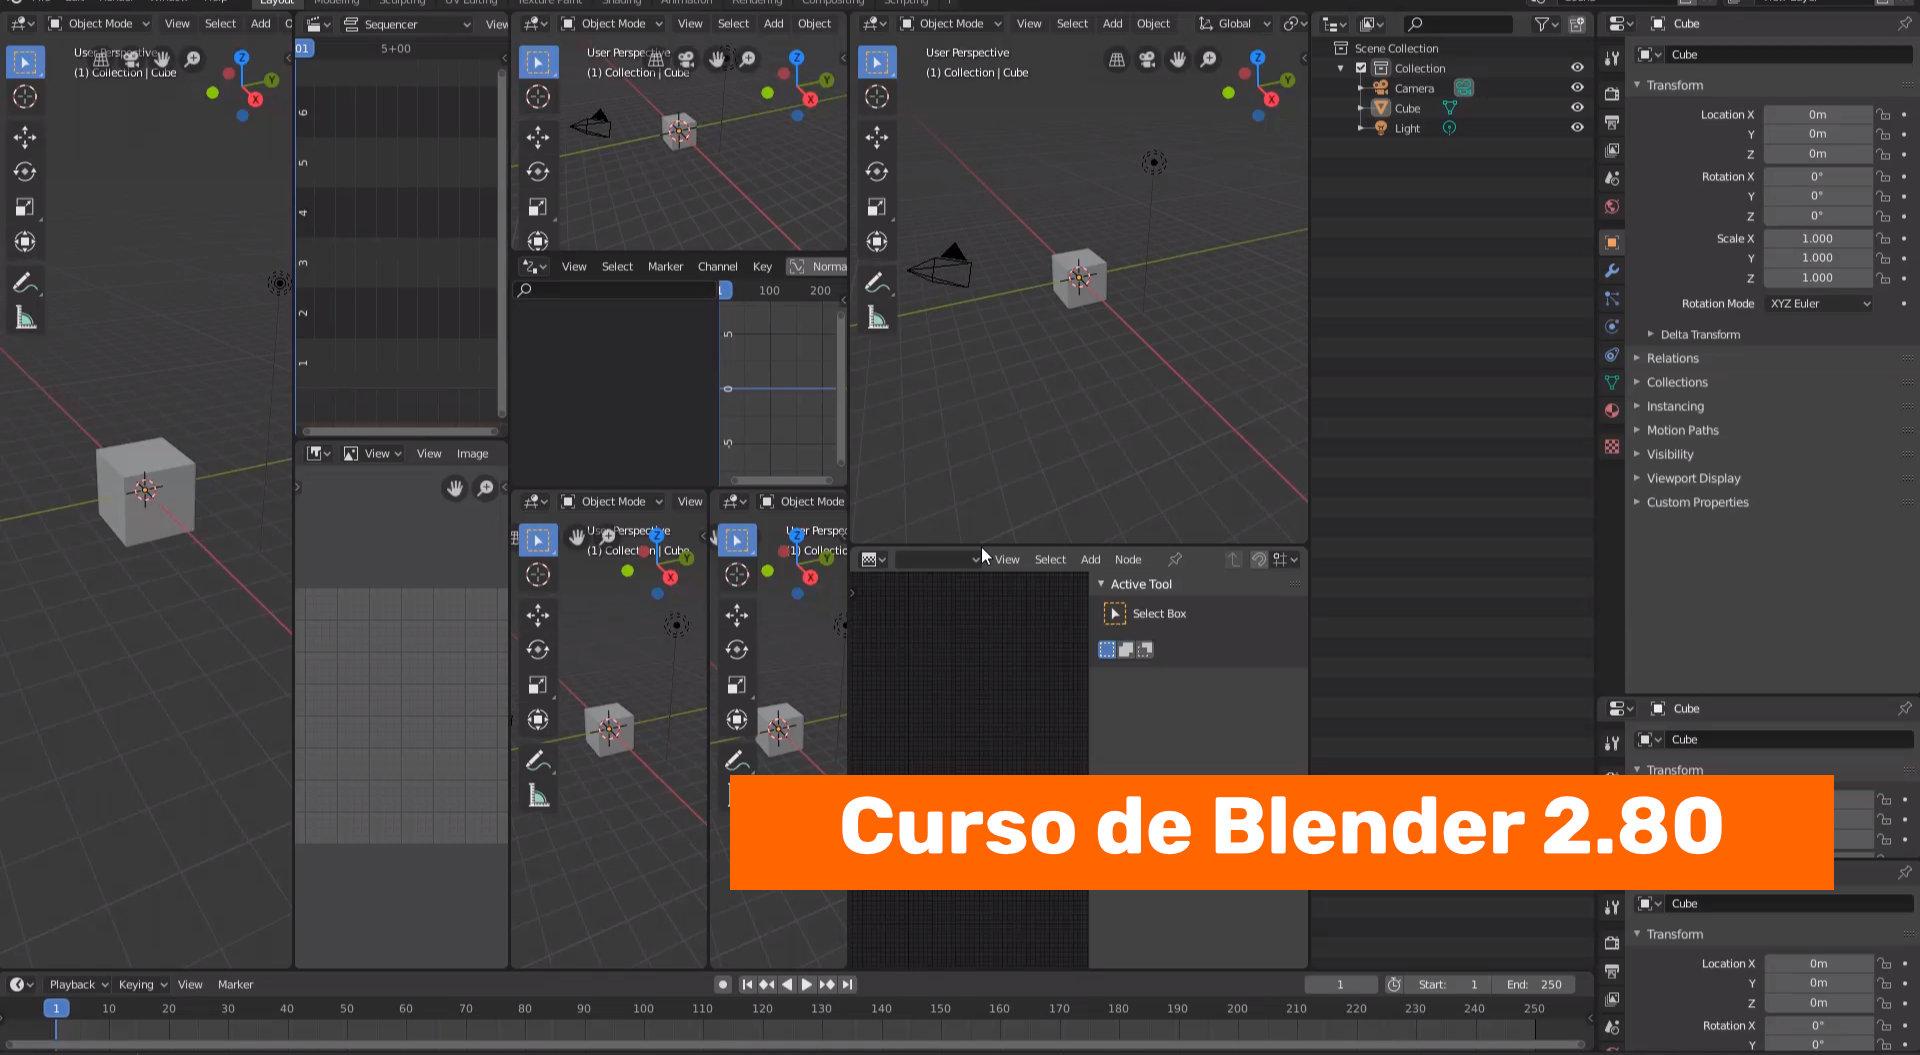 Resetear la configuración de Blender 2.80